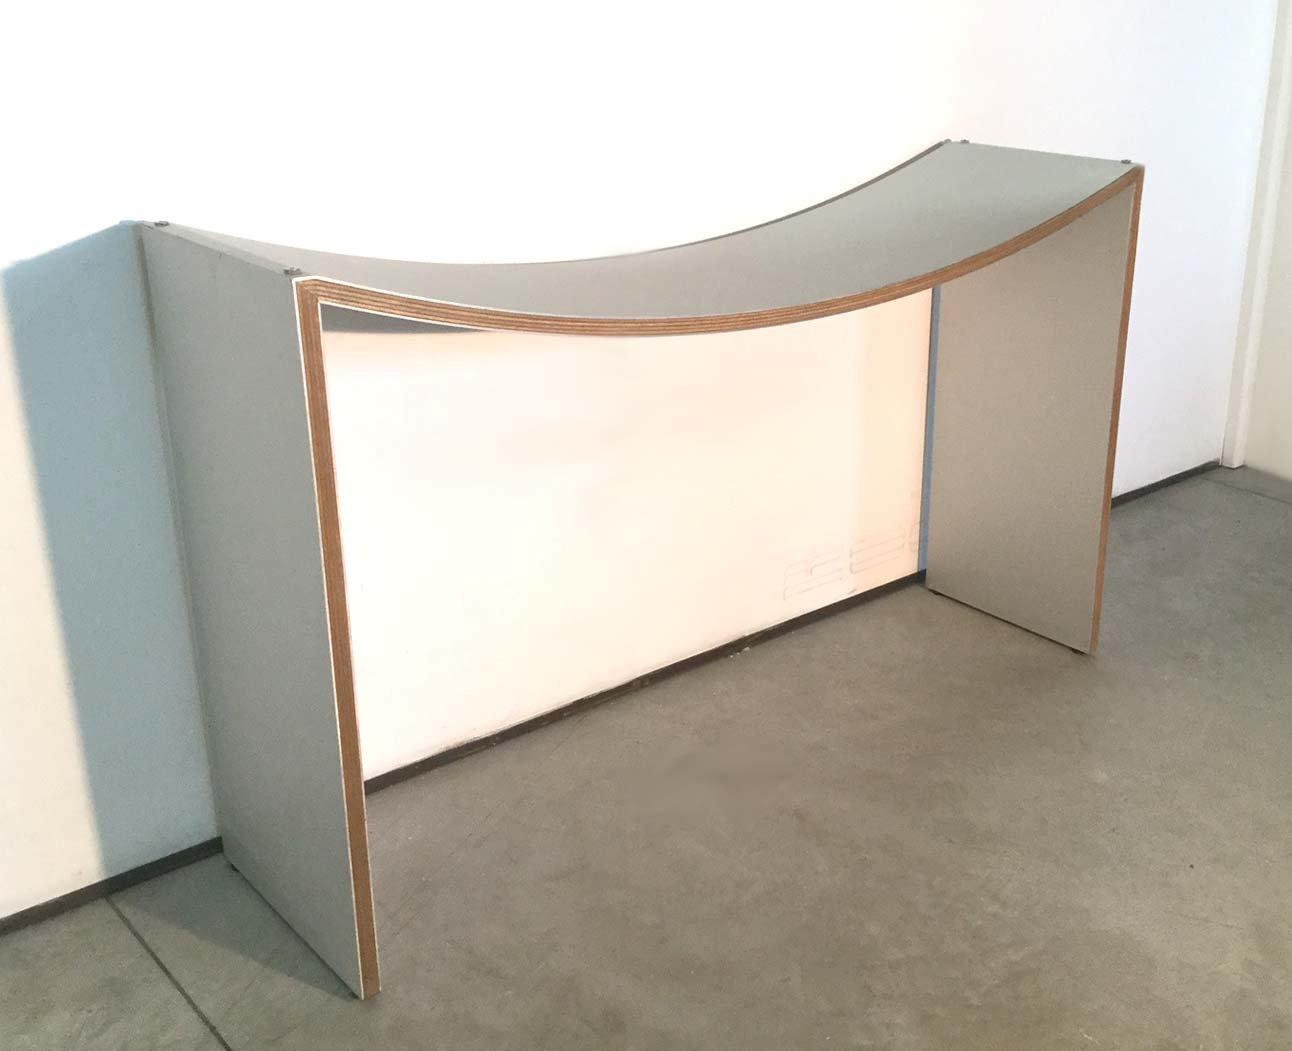 6 console beistelltisch von versace bei pamono kaufen. Black Bedroom Furniture Sets. Home Design Ideas